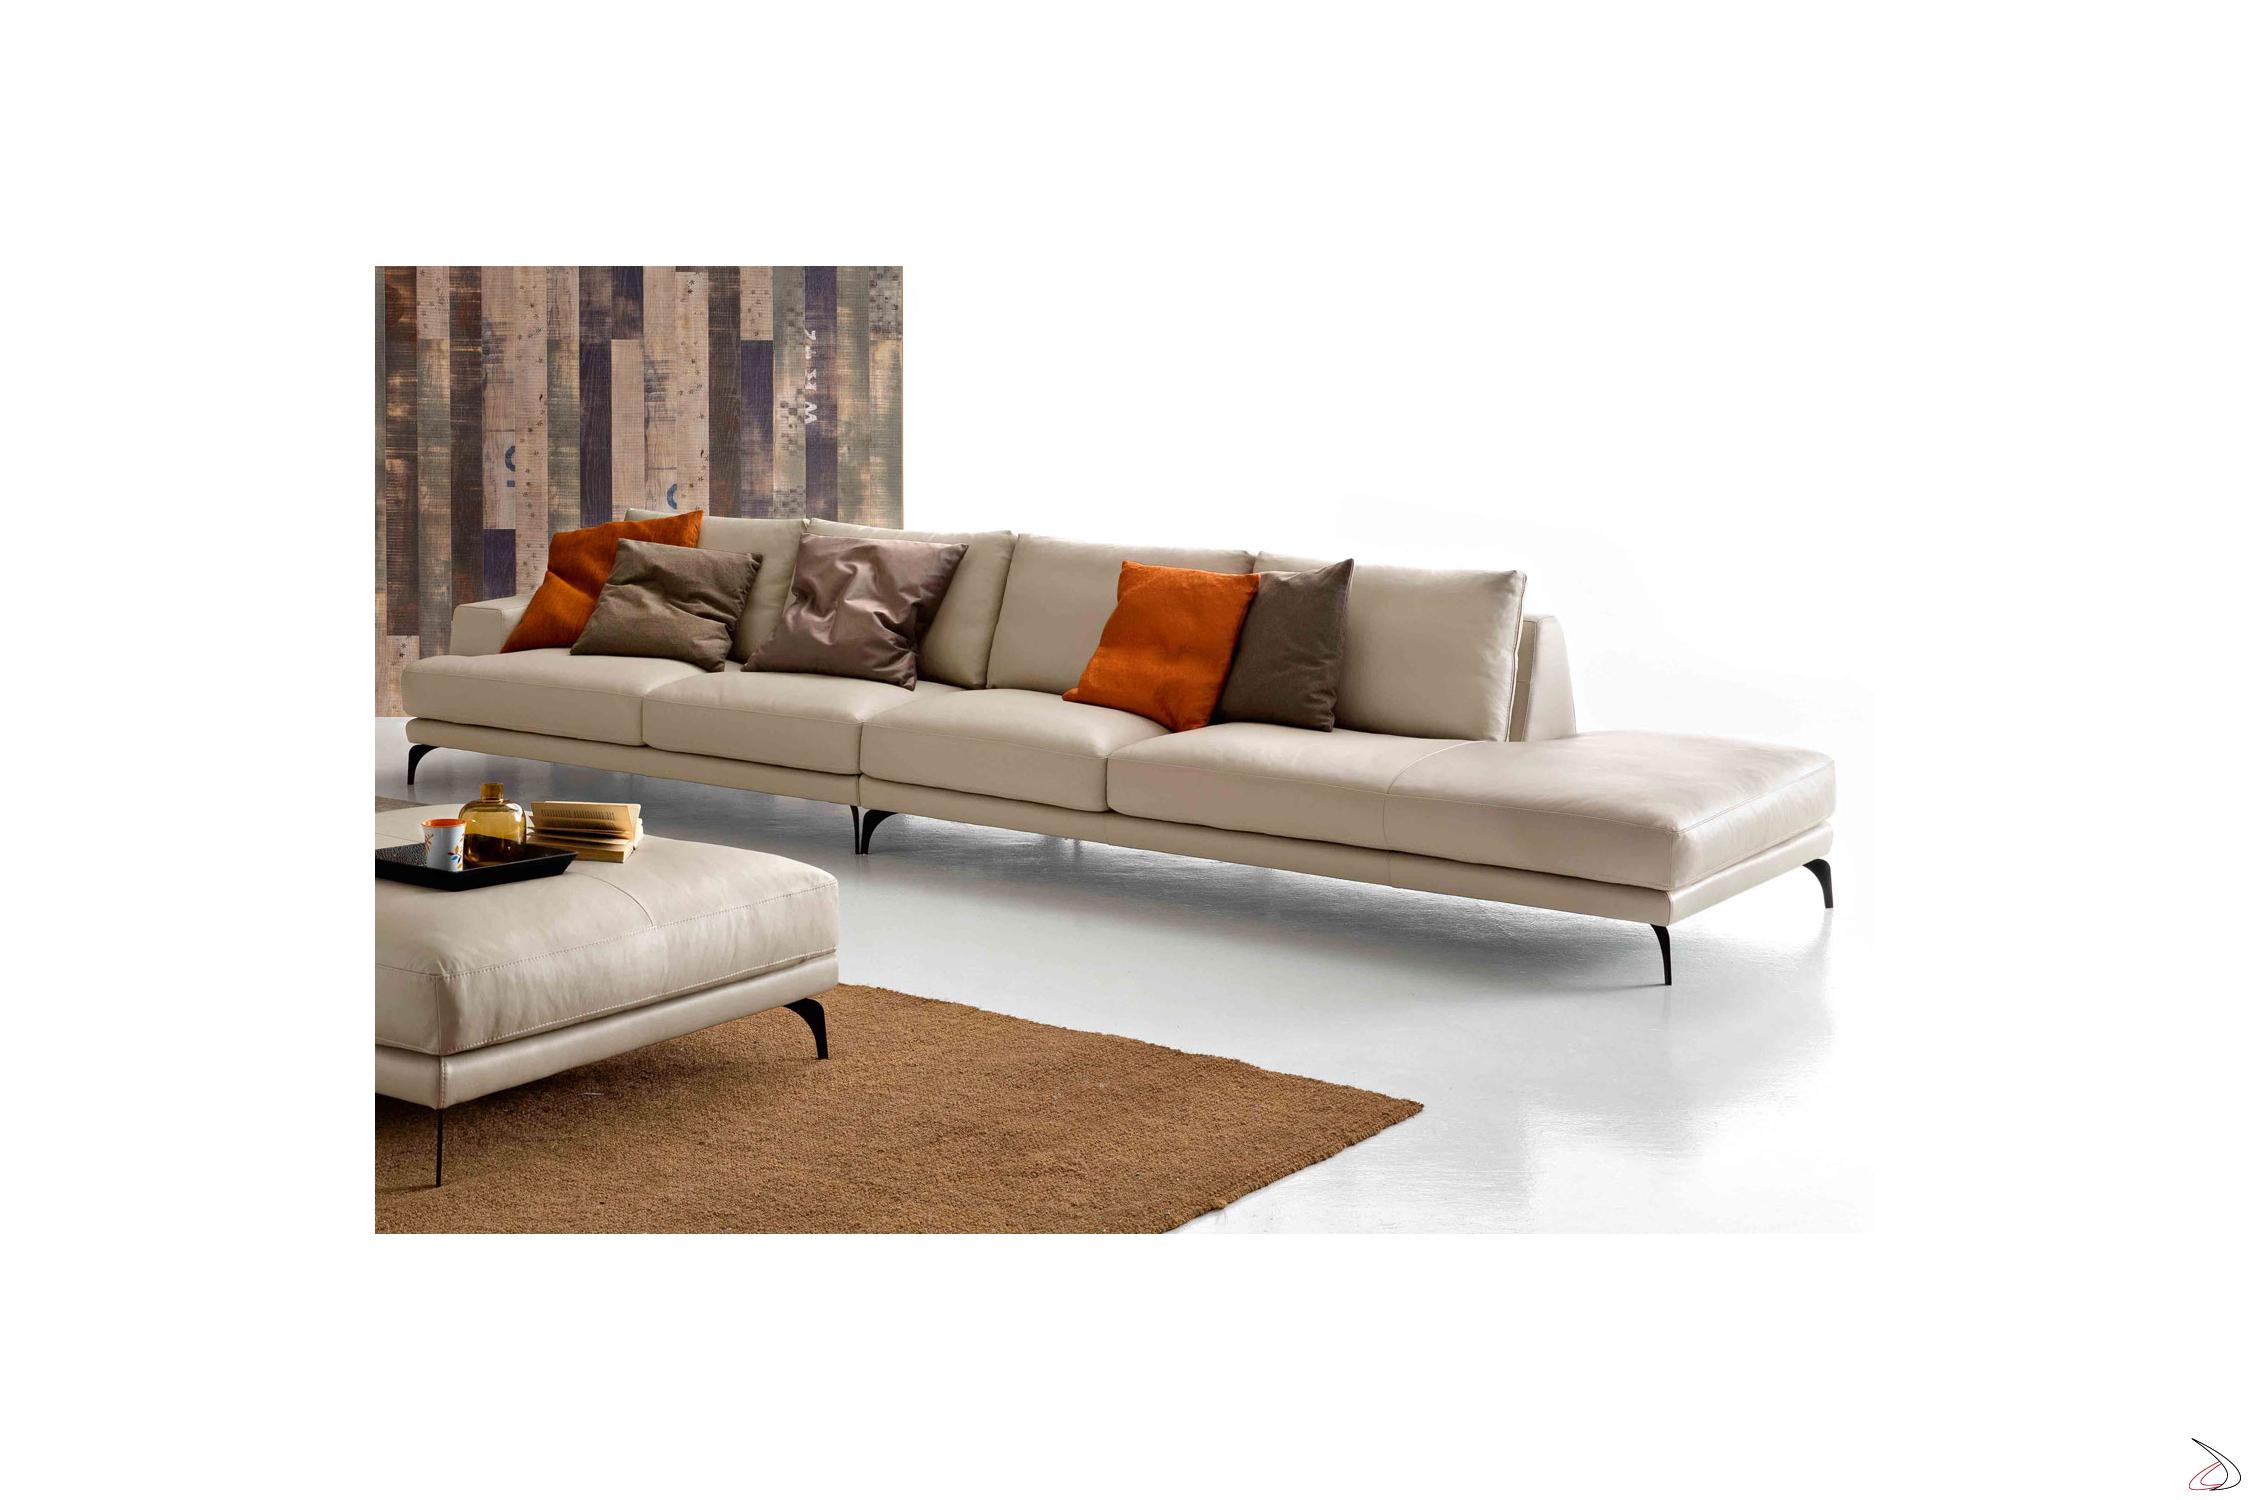 Retof modern living room sofa toparredi arredo design for Divano con pouf